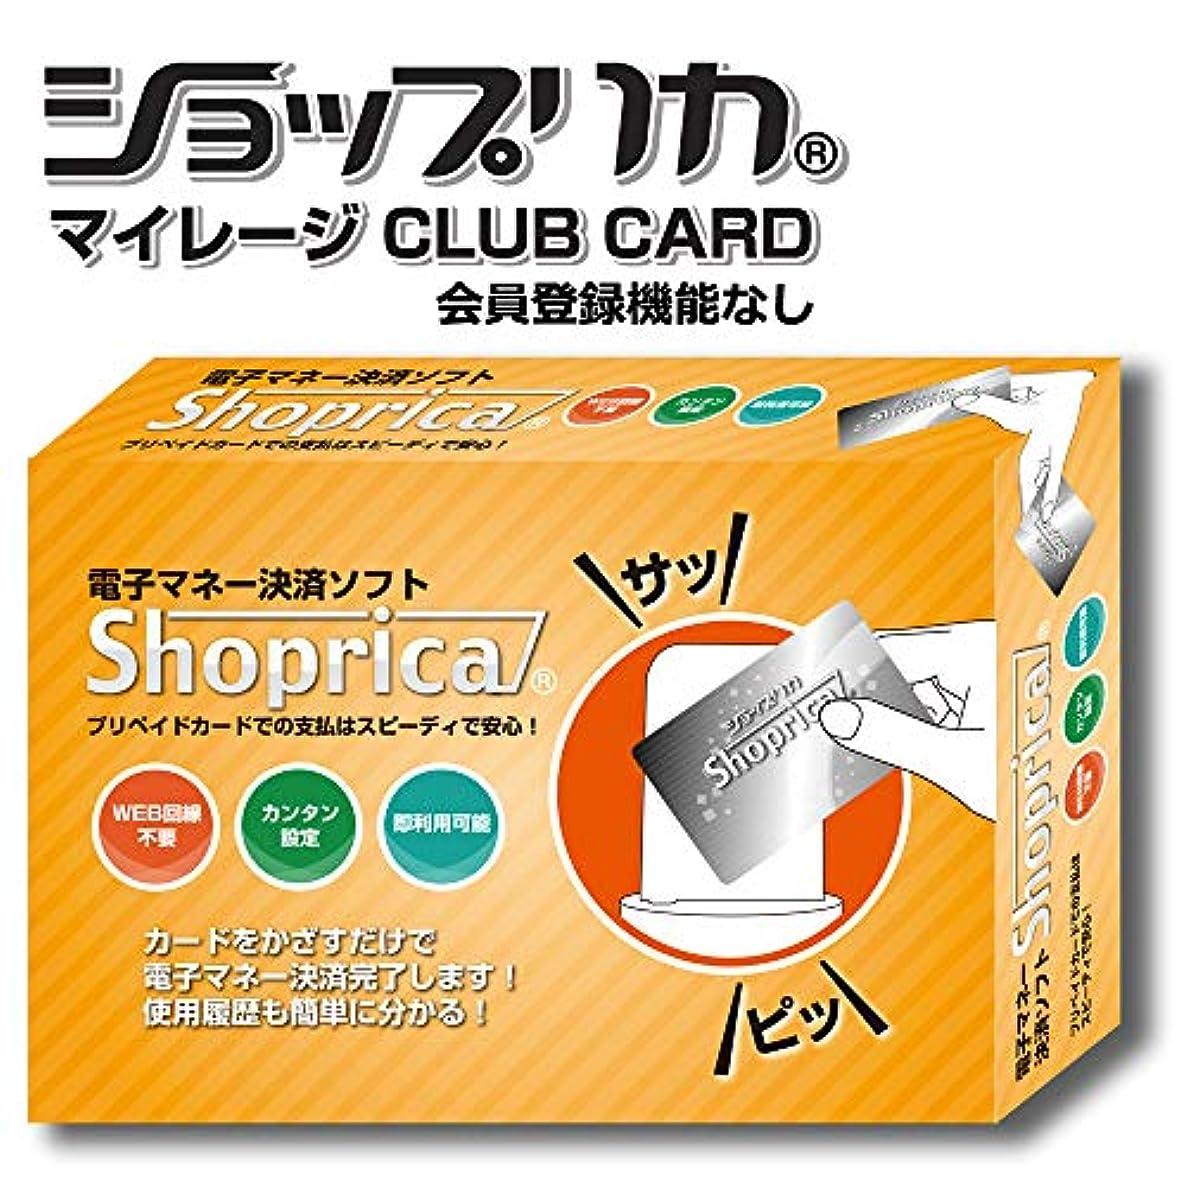 いくつかのメトロポリタン改善株式会社くらしのリーザ ショップリカ マイレージ CLUB CARD (会員機能なし版)